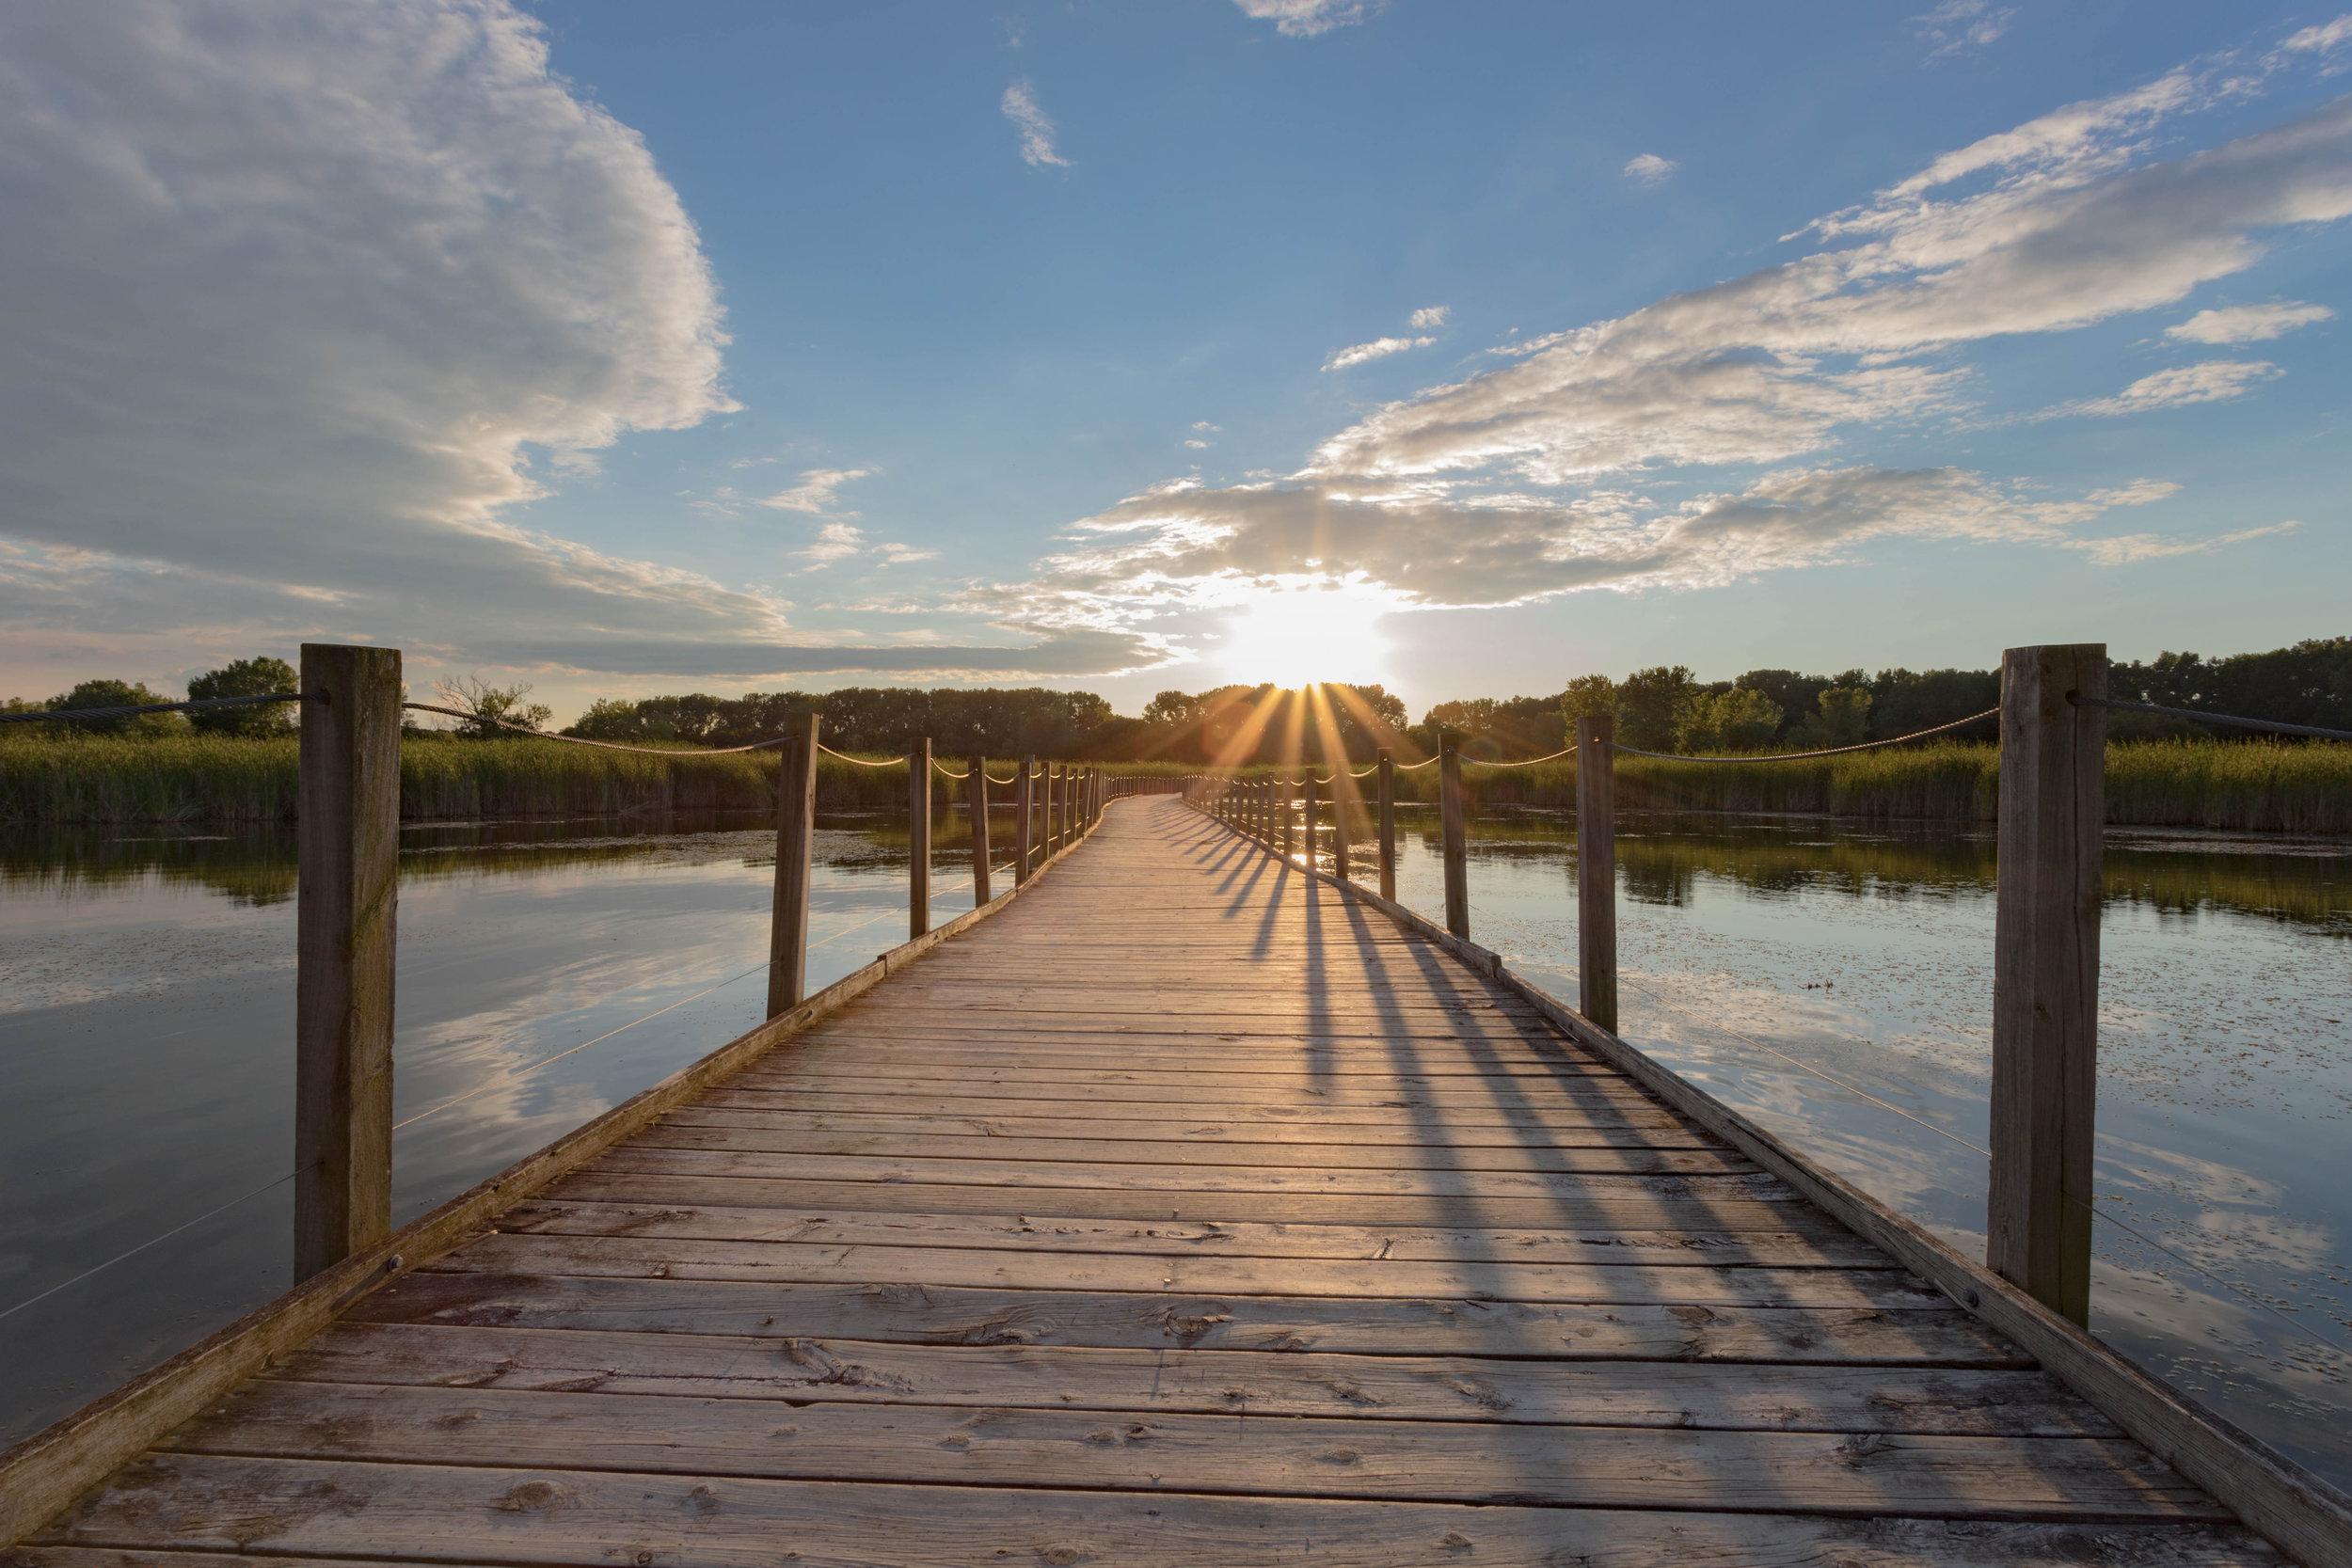 august 12, 2017  wood lake nature center - richfield, minnesota